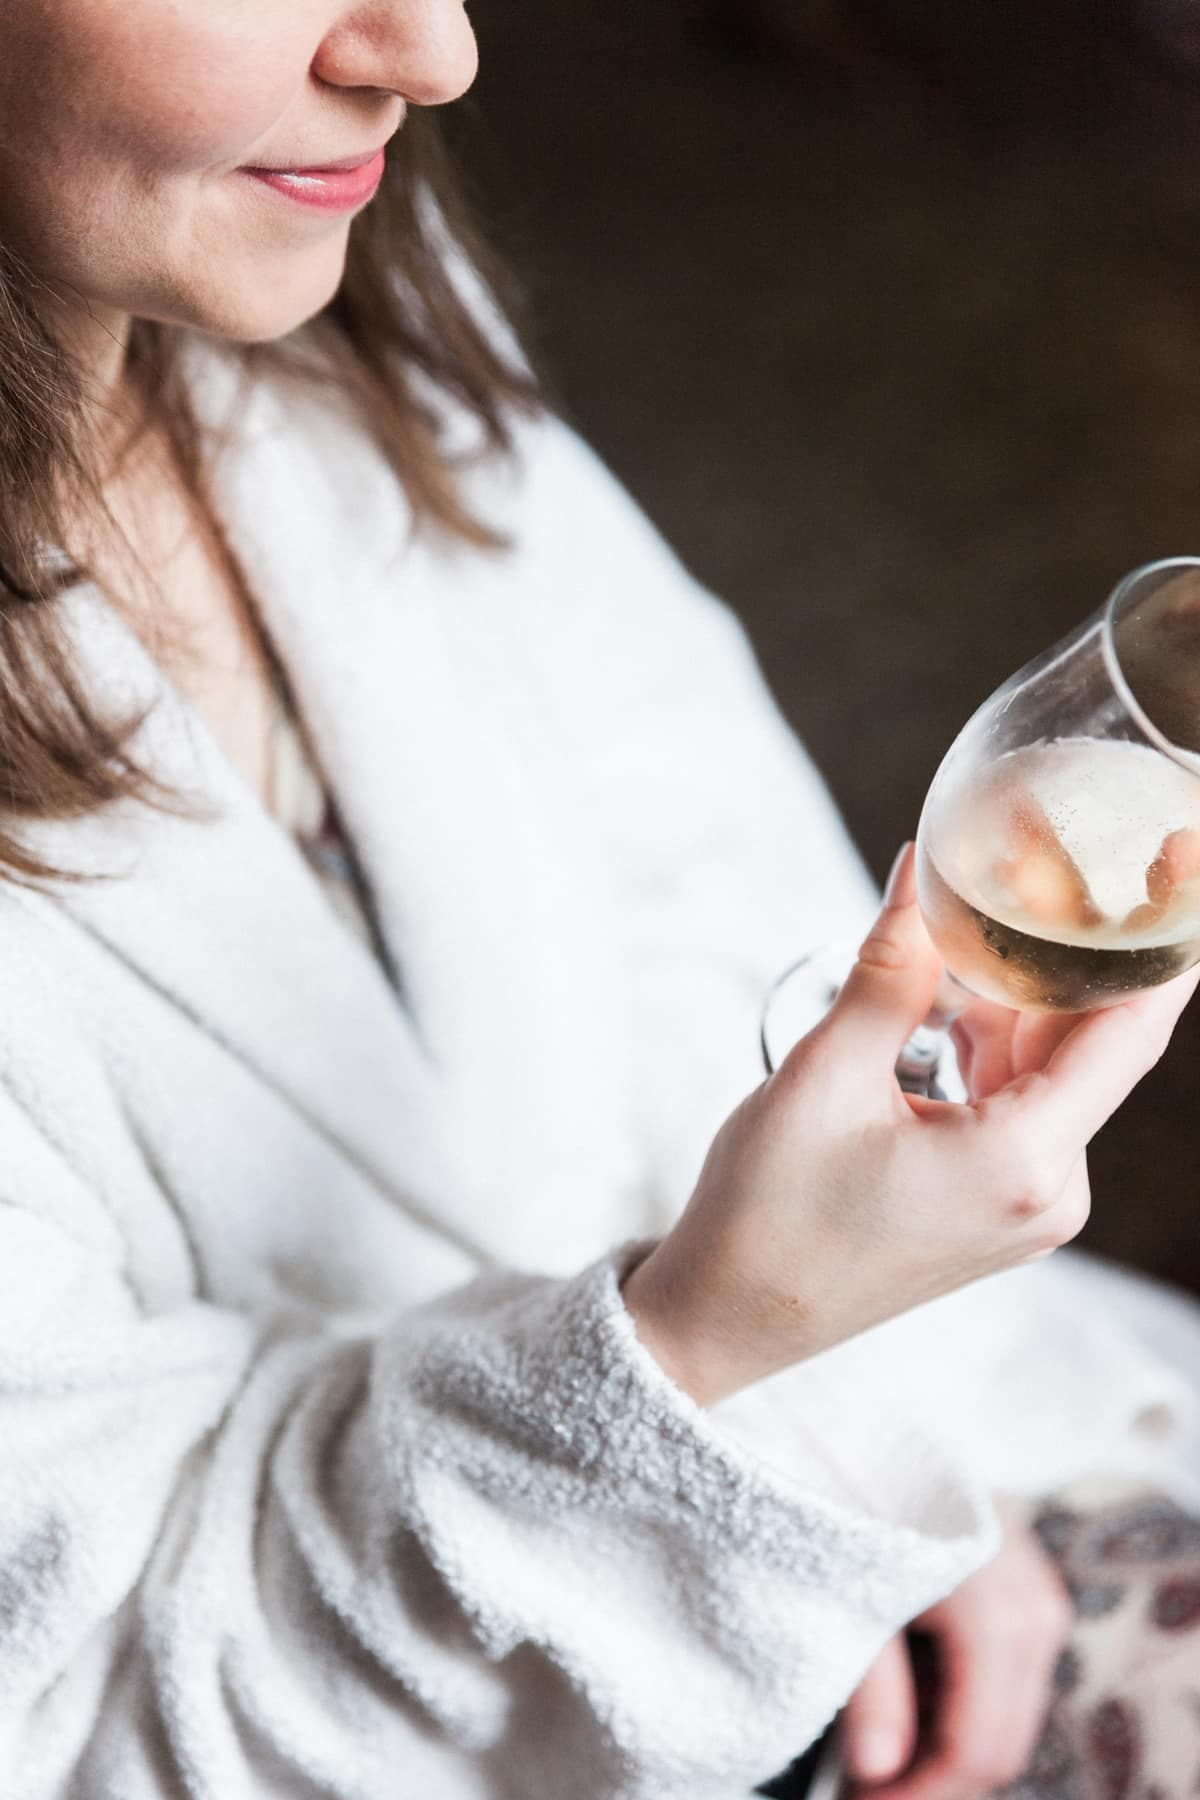 La mariée boit une coupe de champagne pendant les préparatifs